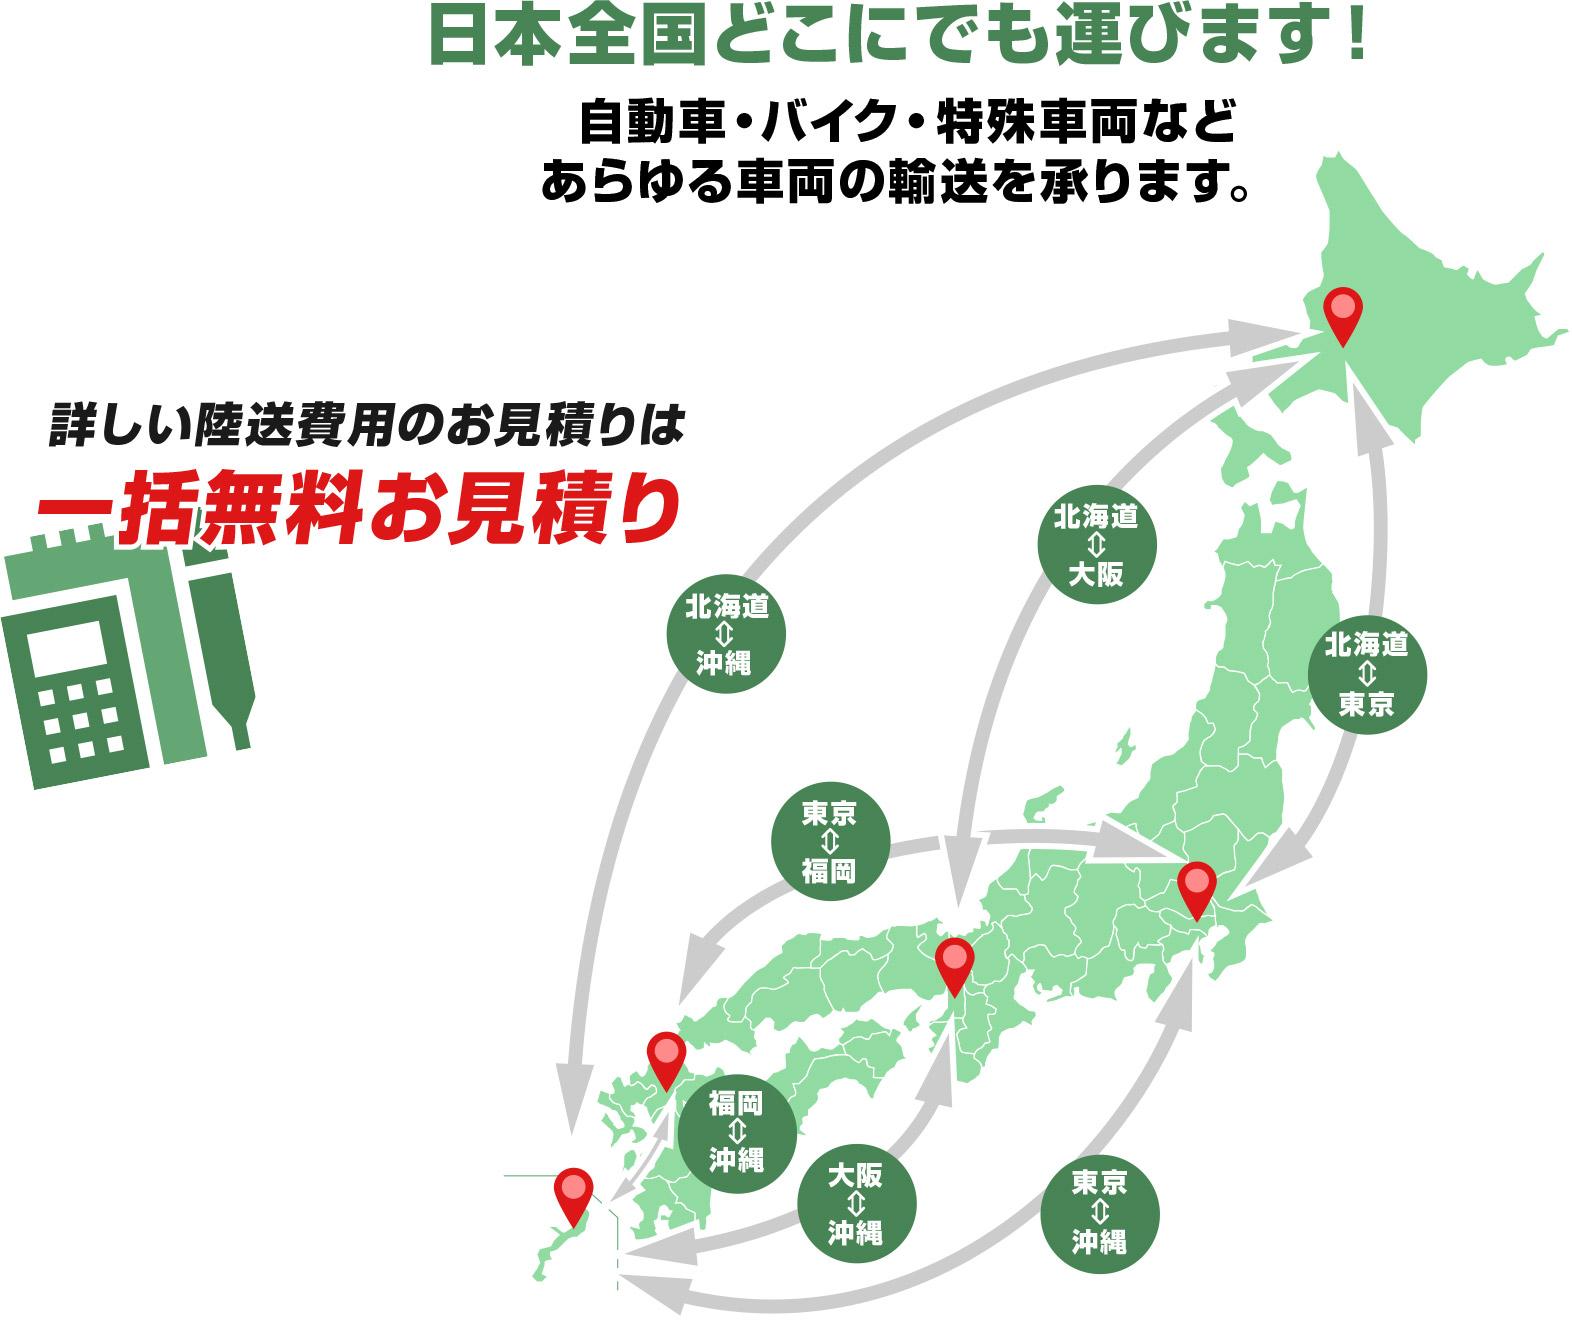 日本全国どこにでも運びます!自動車・バイク・特殊車両などあらゆる車両の輸送を承ります。詳しい陸送費用のお見積りは一括無料お見積り